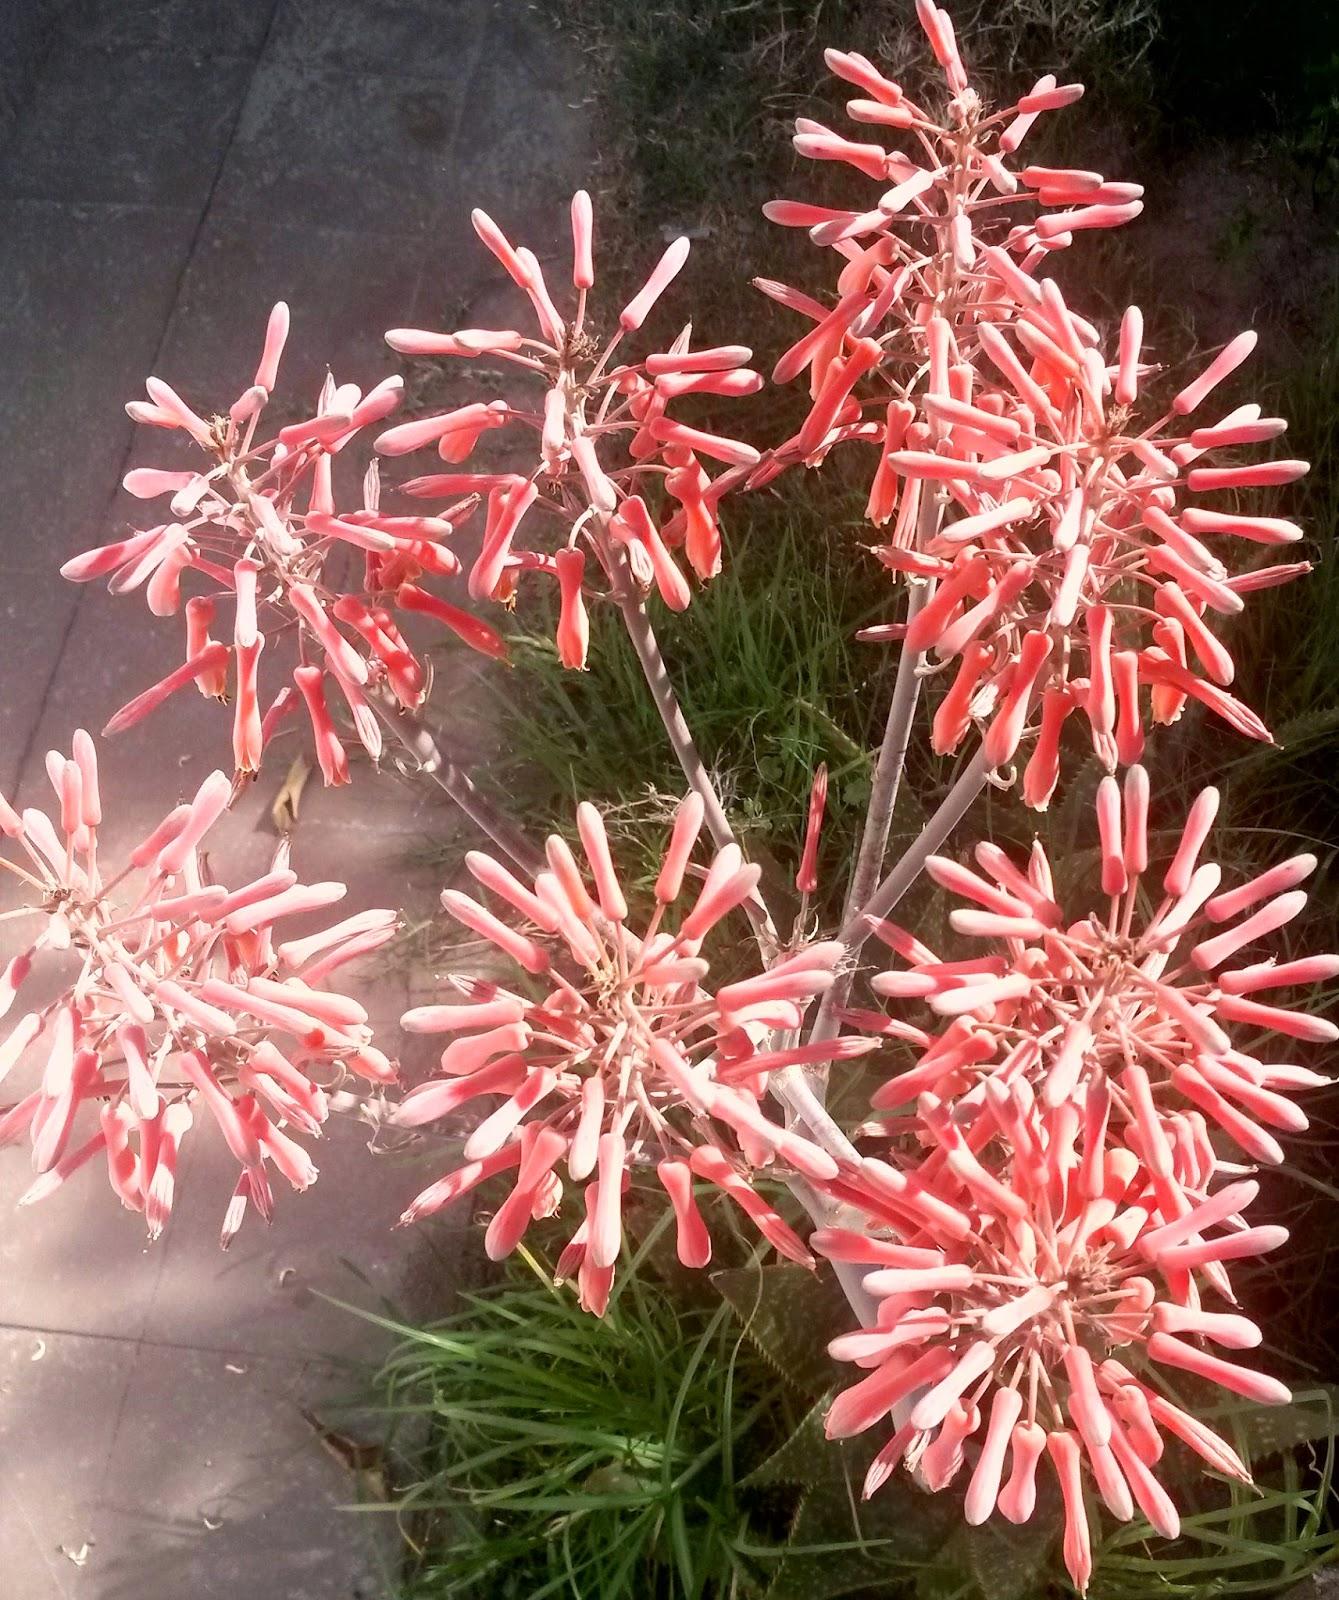 pianta-grassa-fiorita